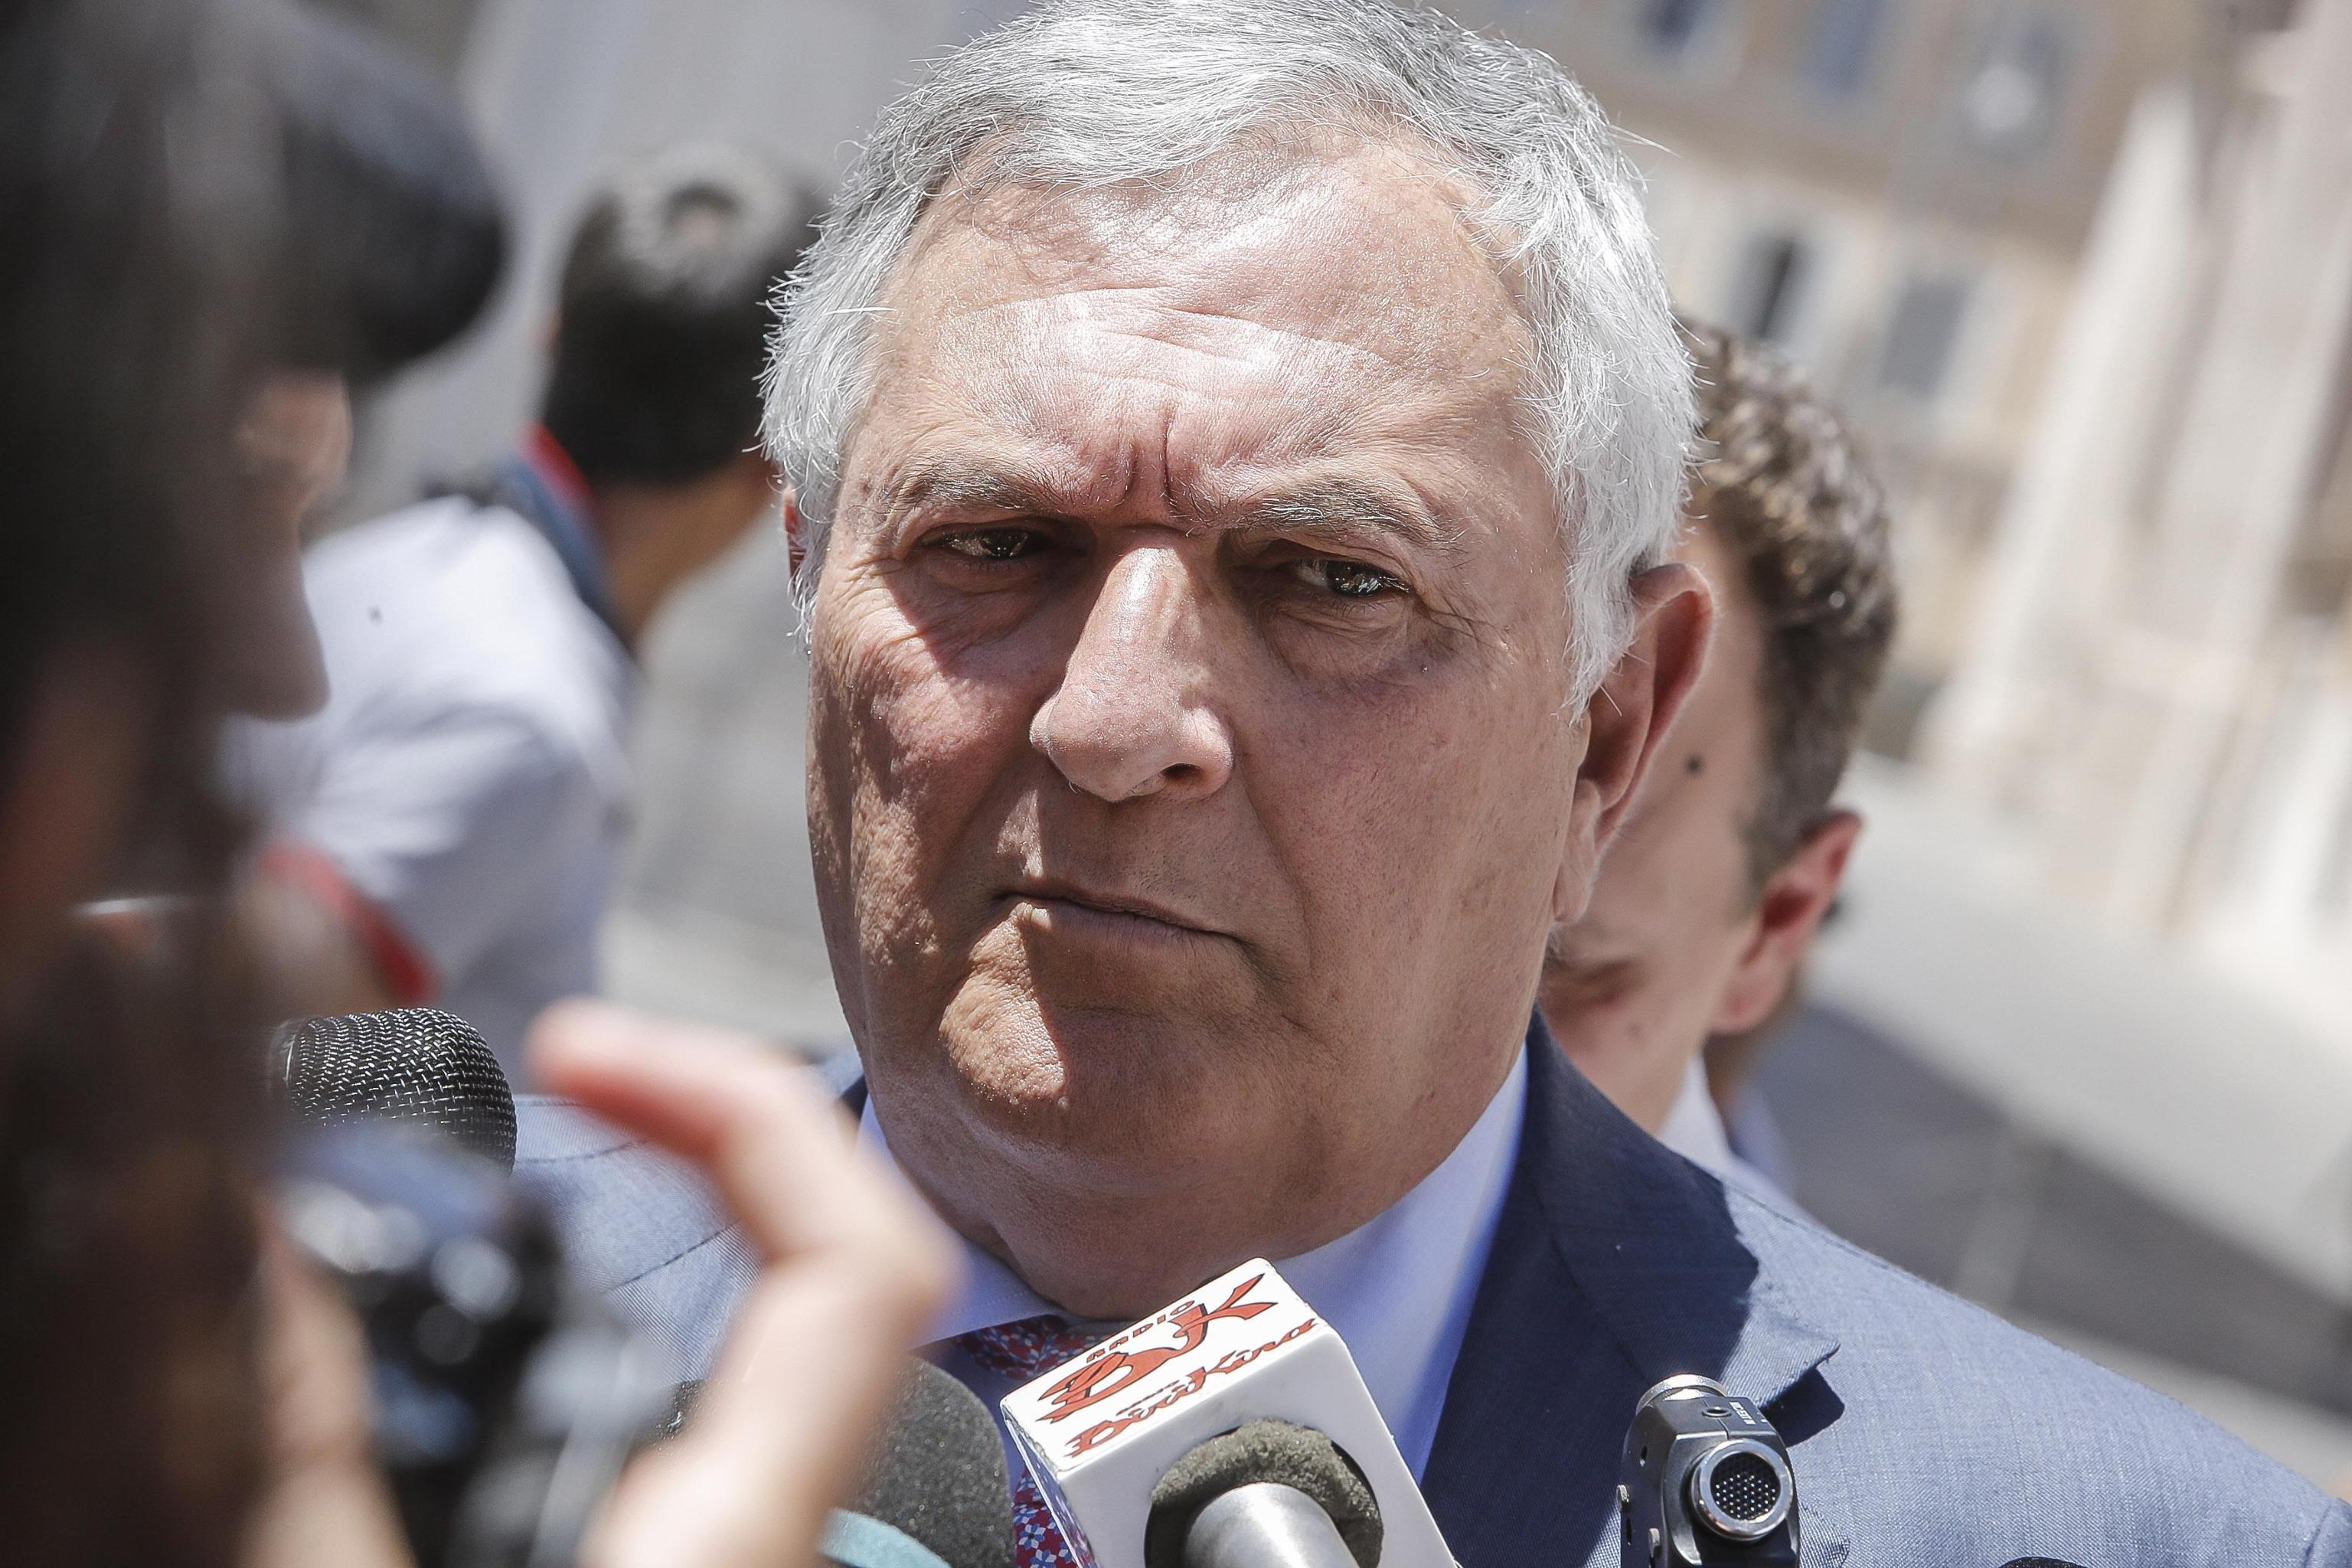 Stupri, i consigli choc del senatore D'Anna: 'Donne, siate caute: il corpo è oggetto di desiderio'